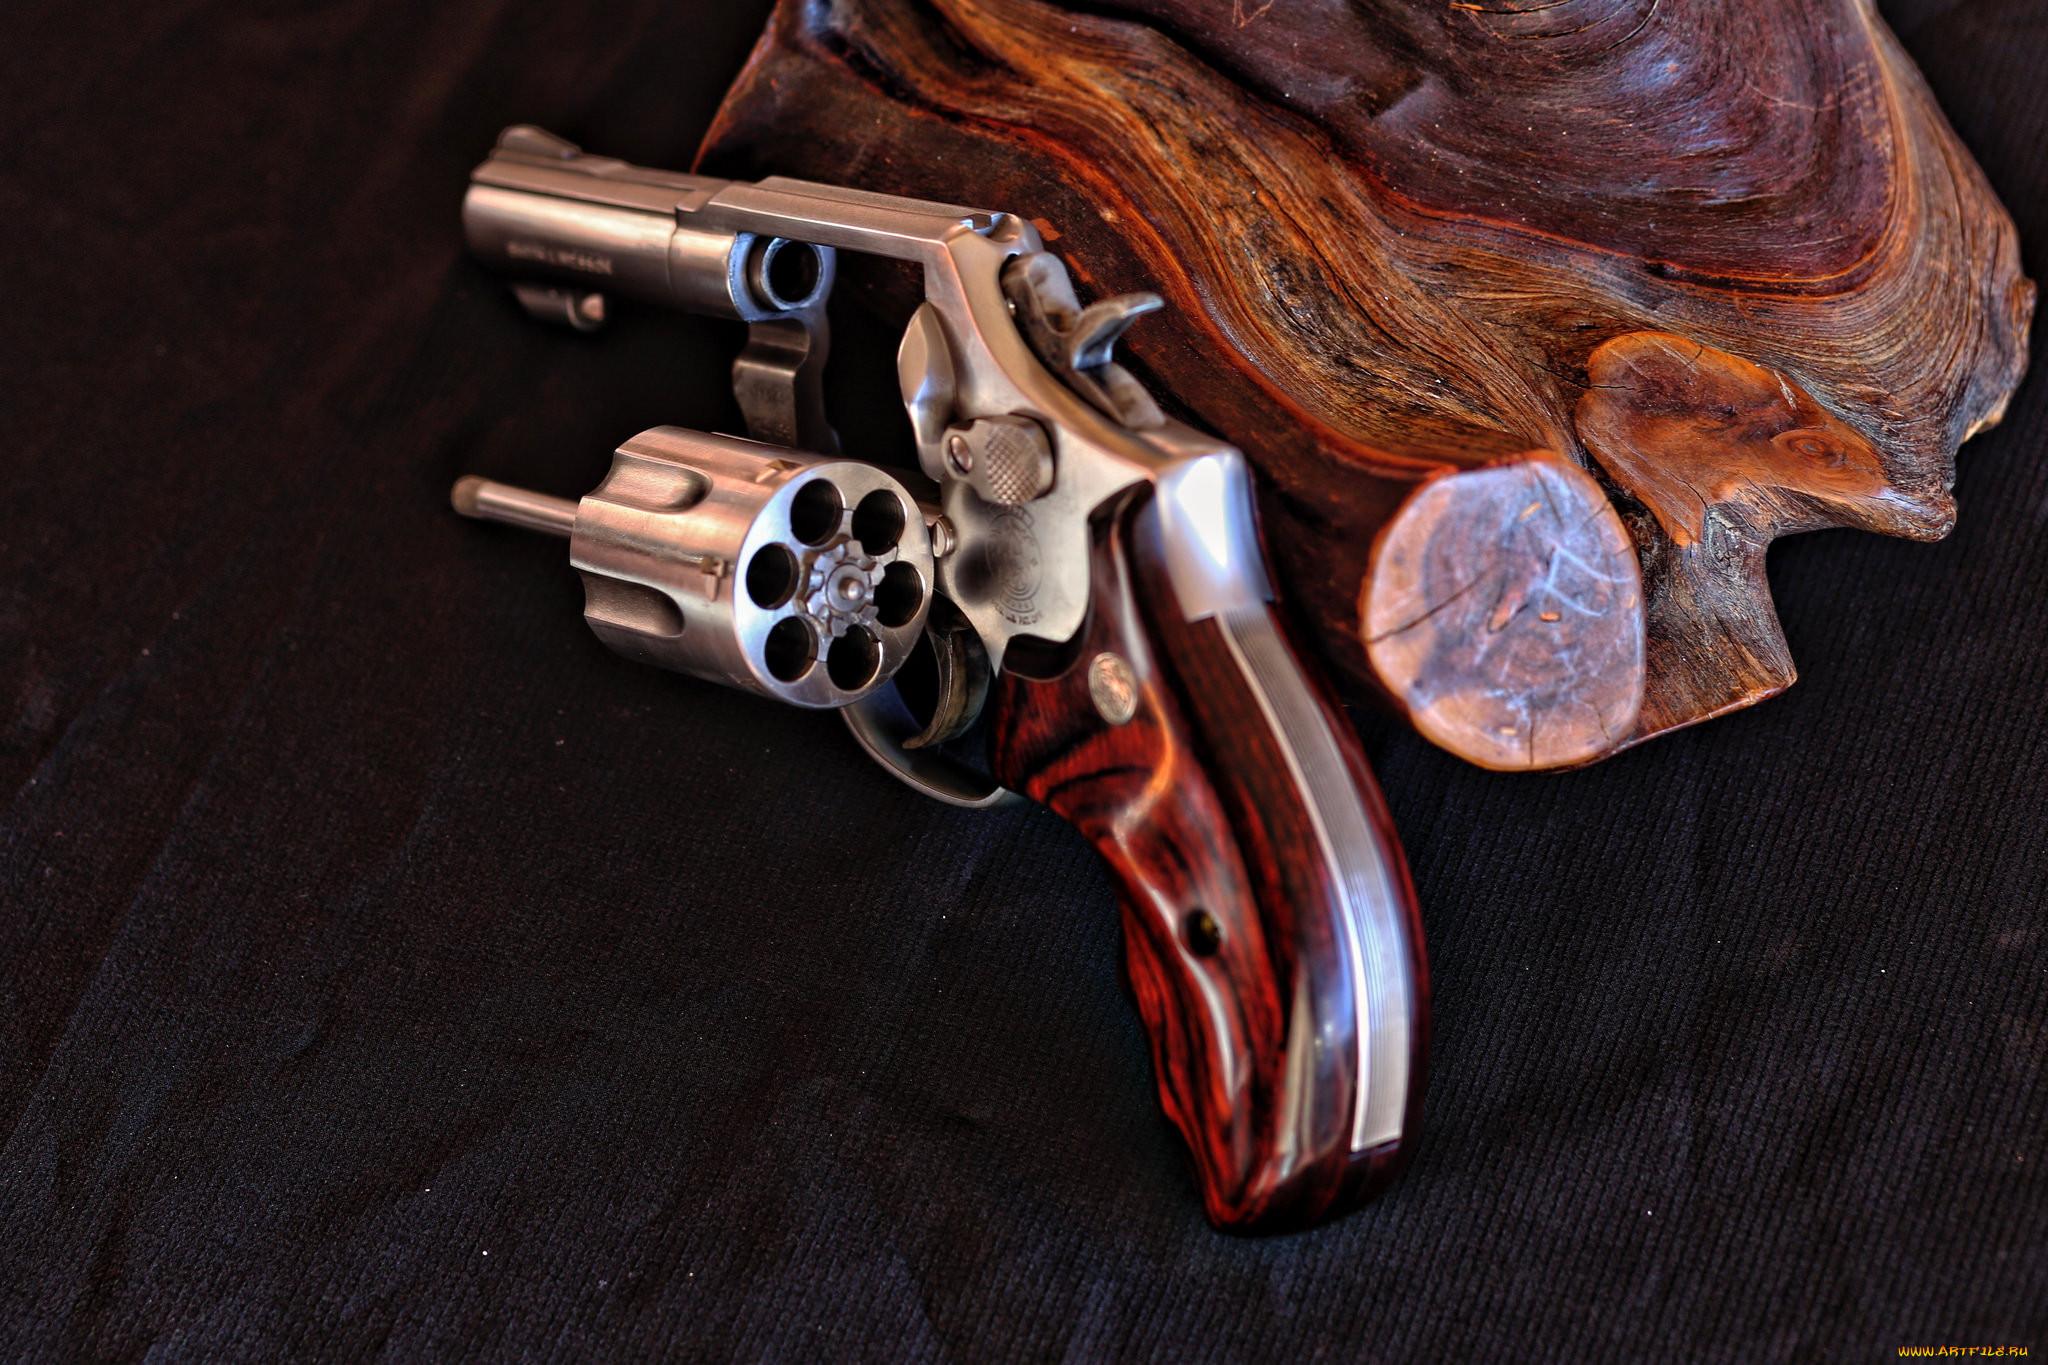 обзор моего фото обычного черного ствола револьвера первышов